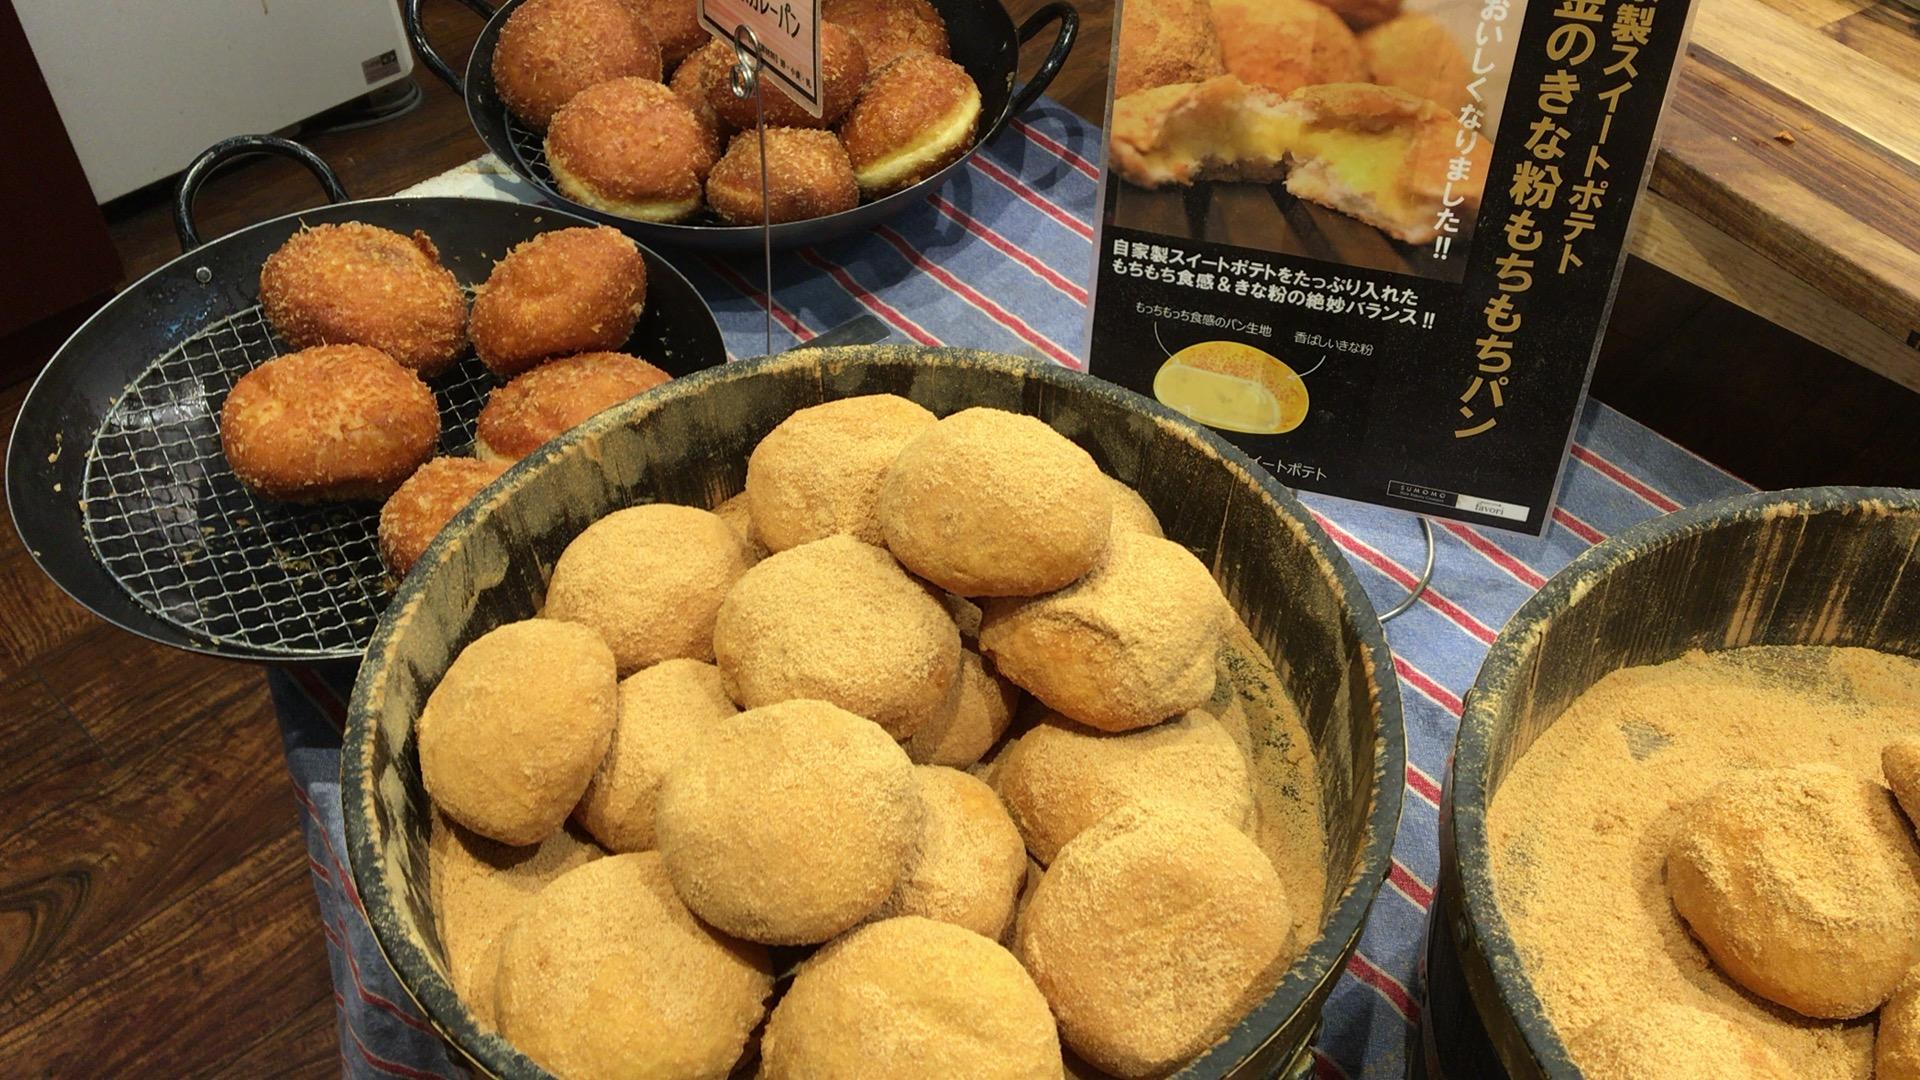 天文館の100円パンのお店 favoriは僕史上5指に入る最高のパン屋だった